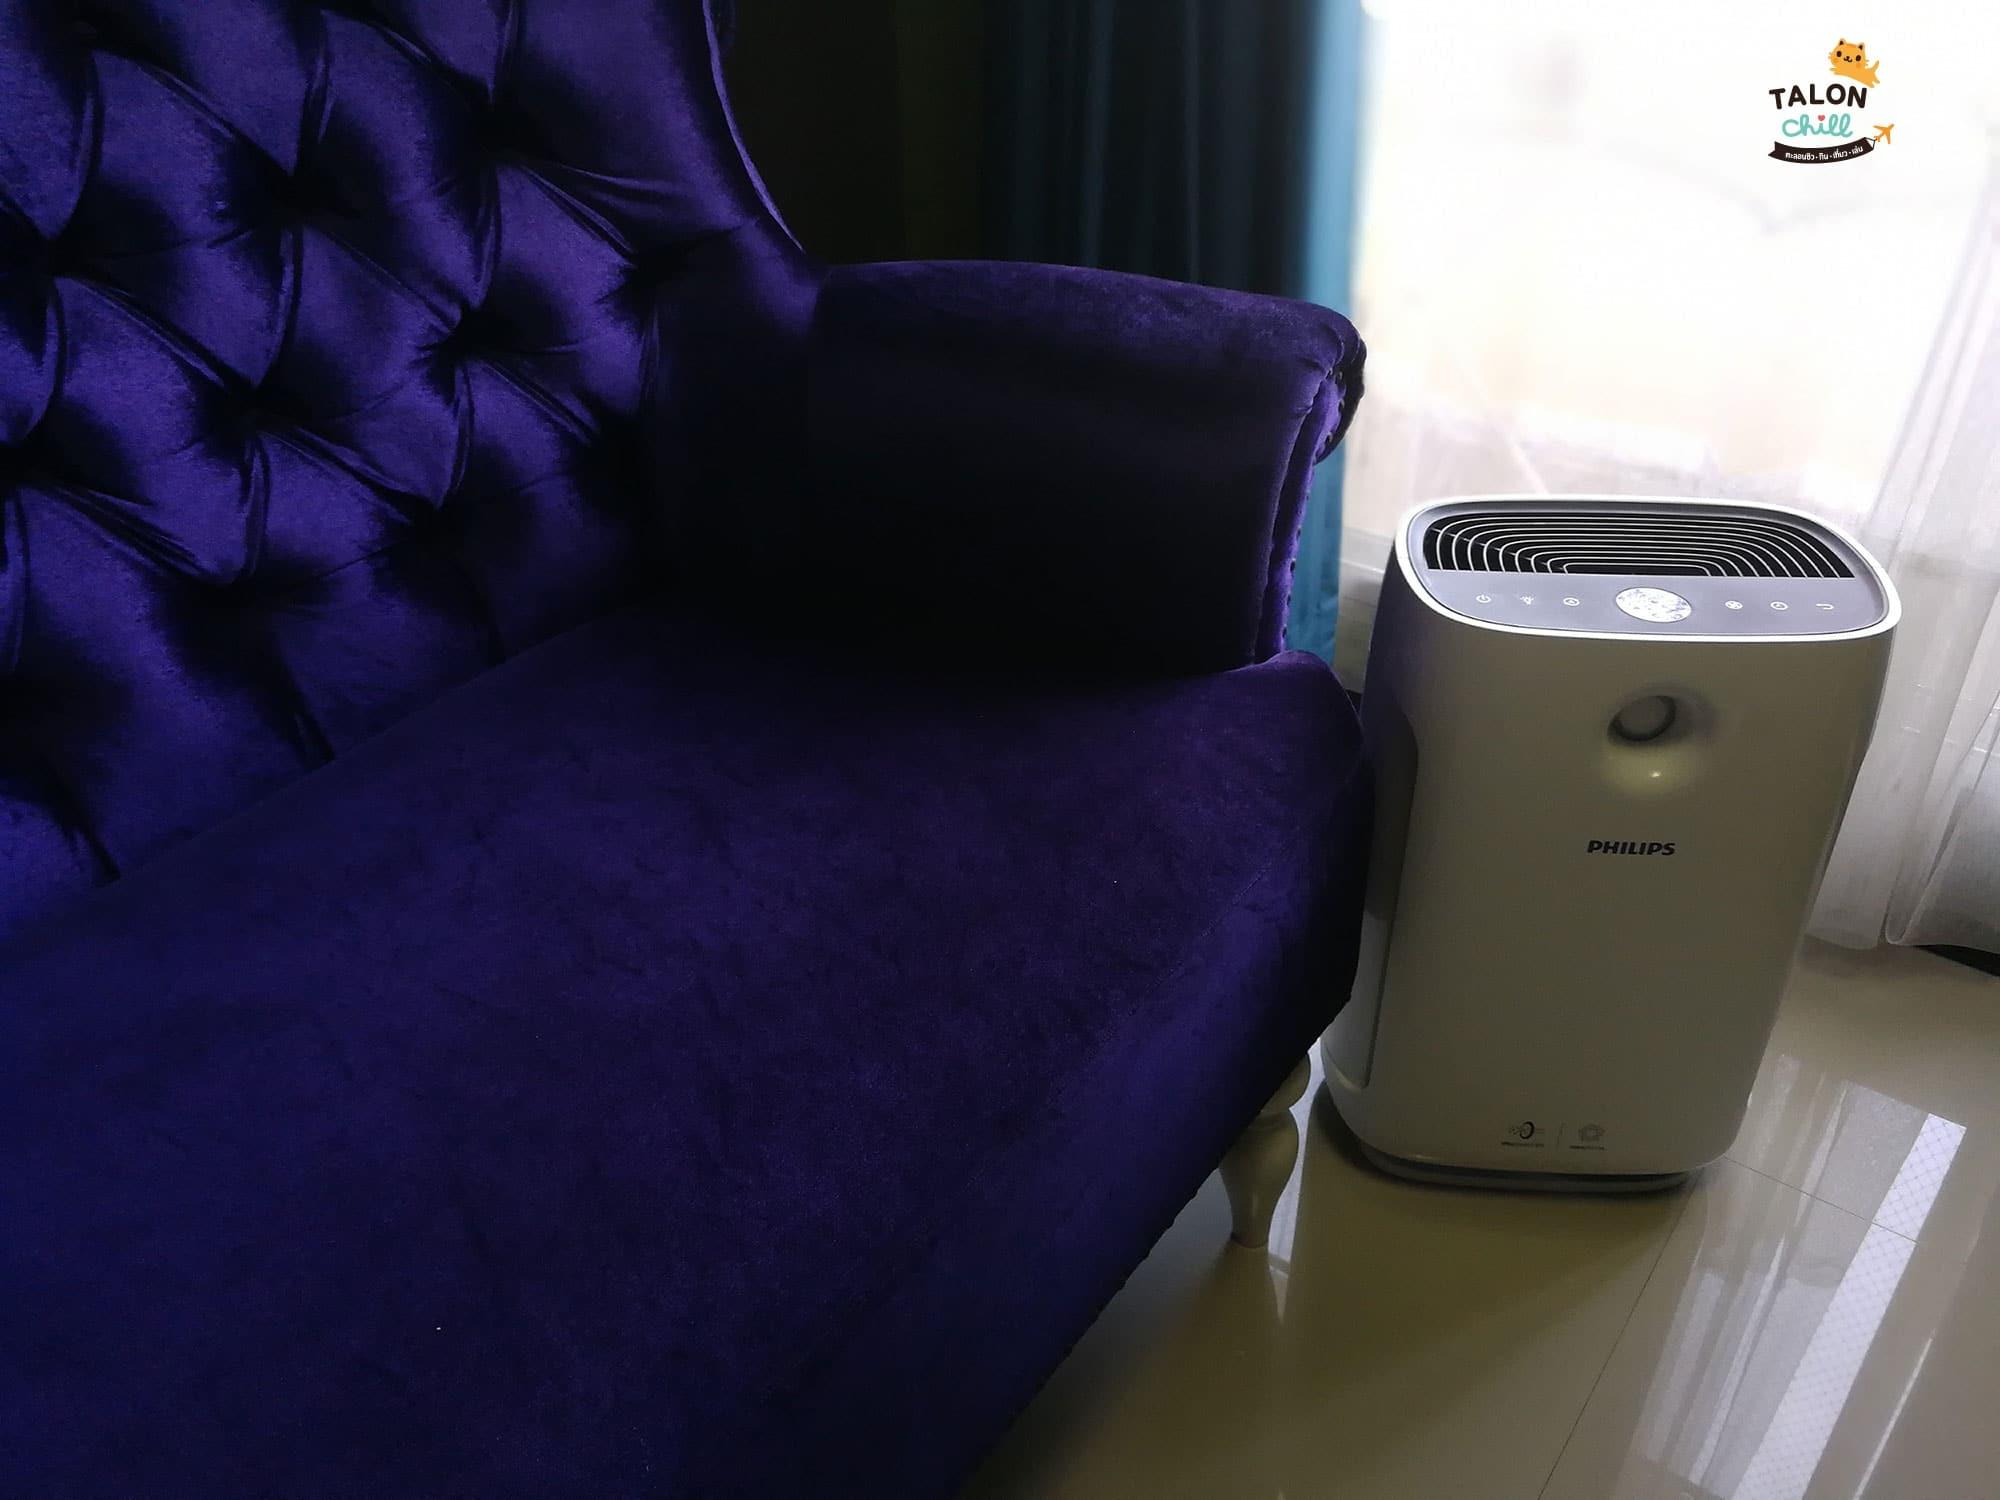 [รีวิว] เครื่องฟอกอากาศฟิลิปส์ Philips Series 2000